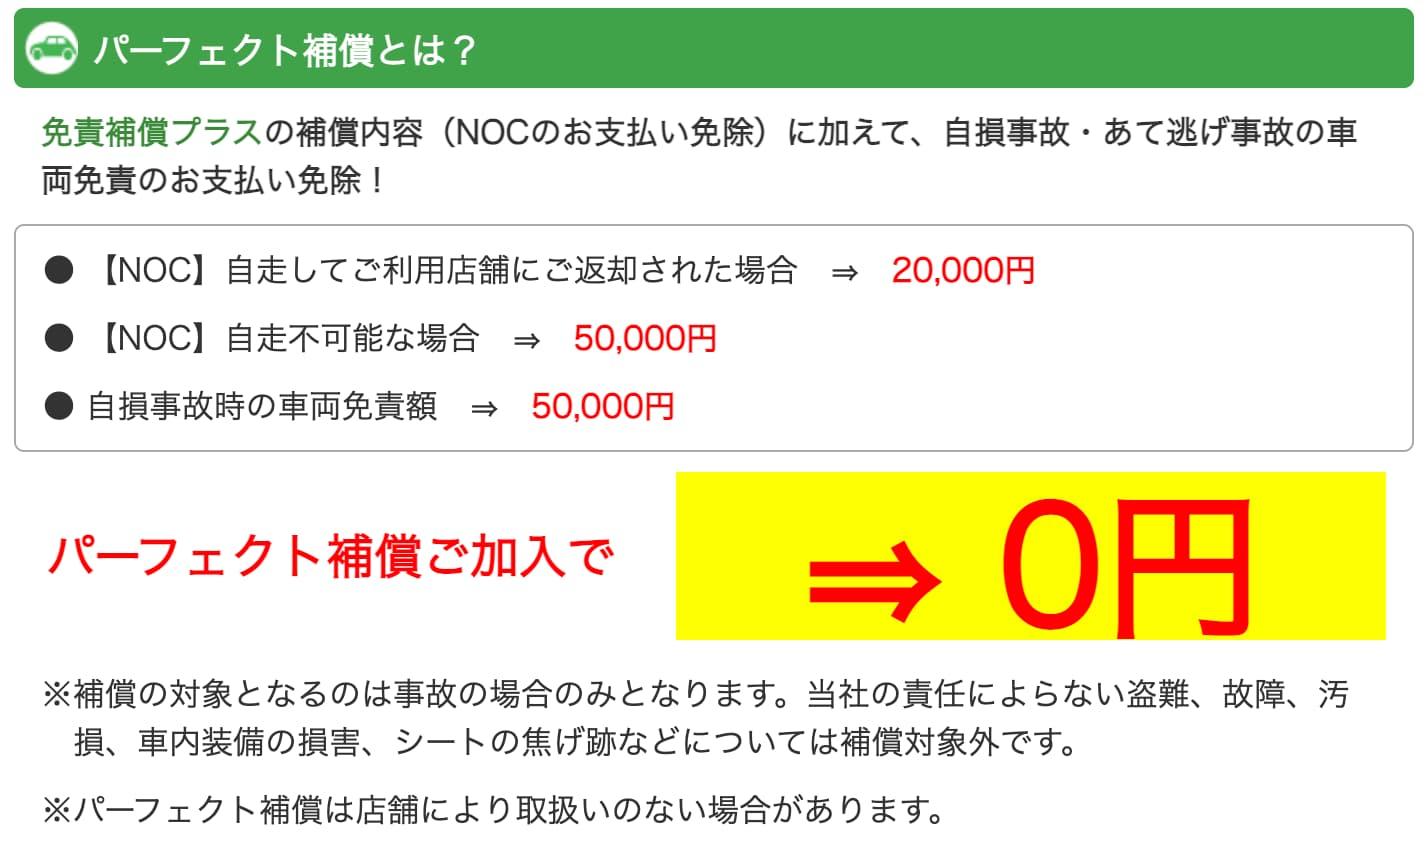 ニコニコレンタカーの免責金額